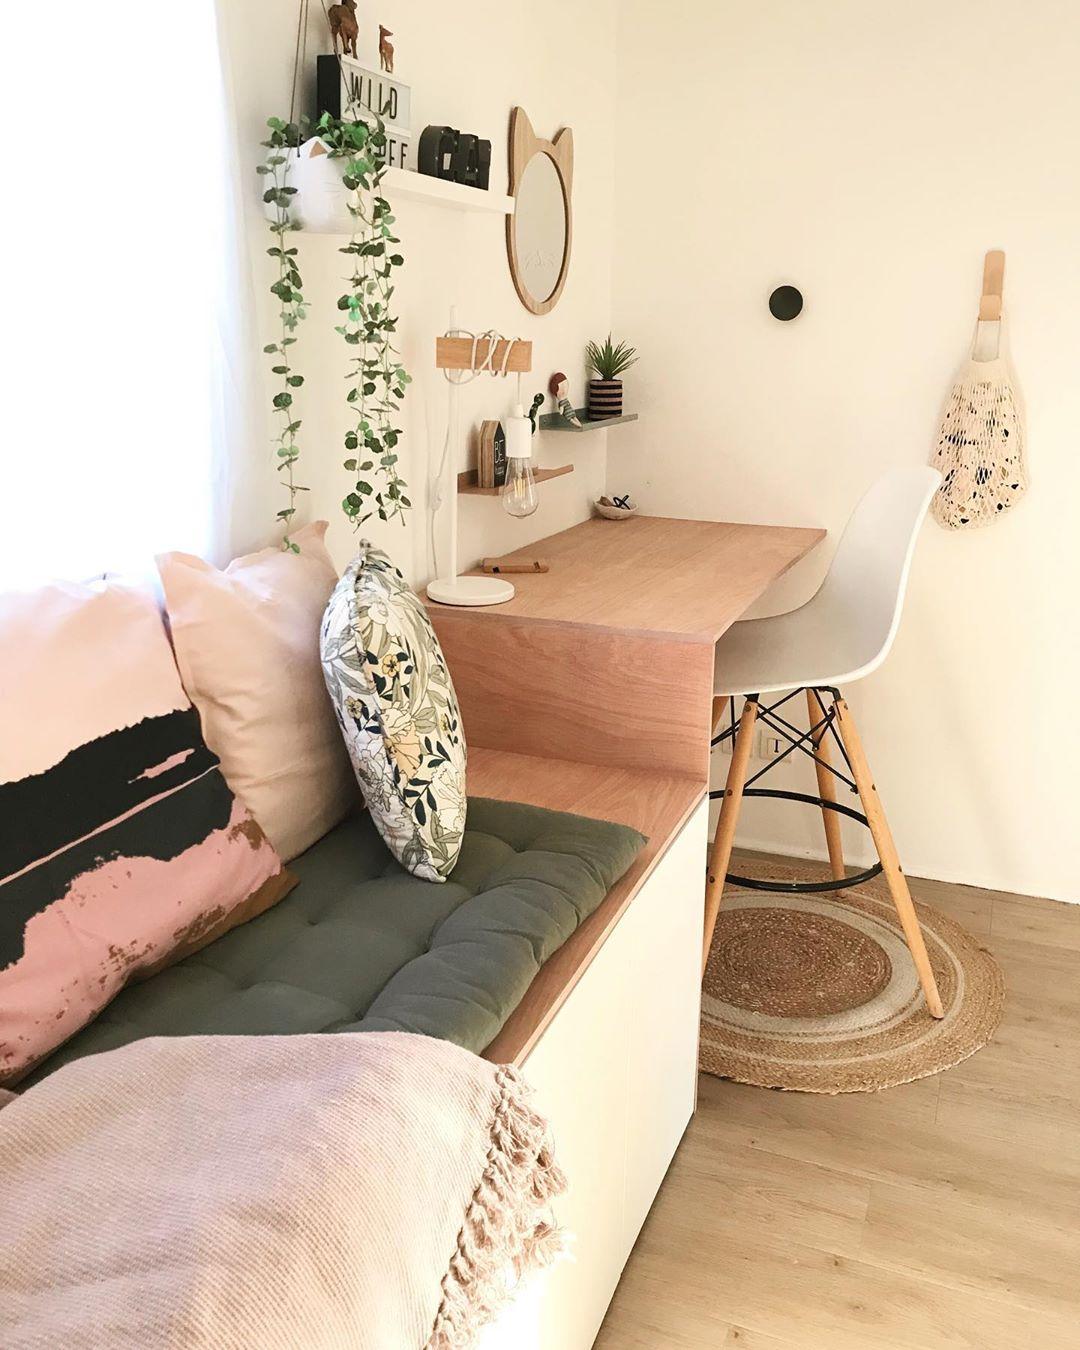 chambre enfant déco rose pastel sol parquet en bois banquette blog déco clematc